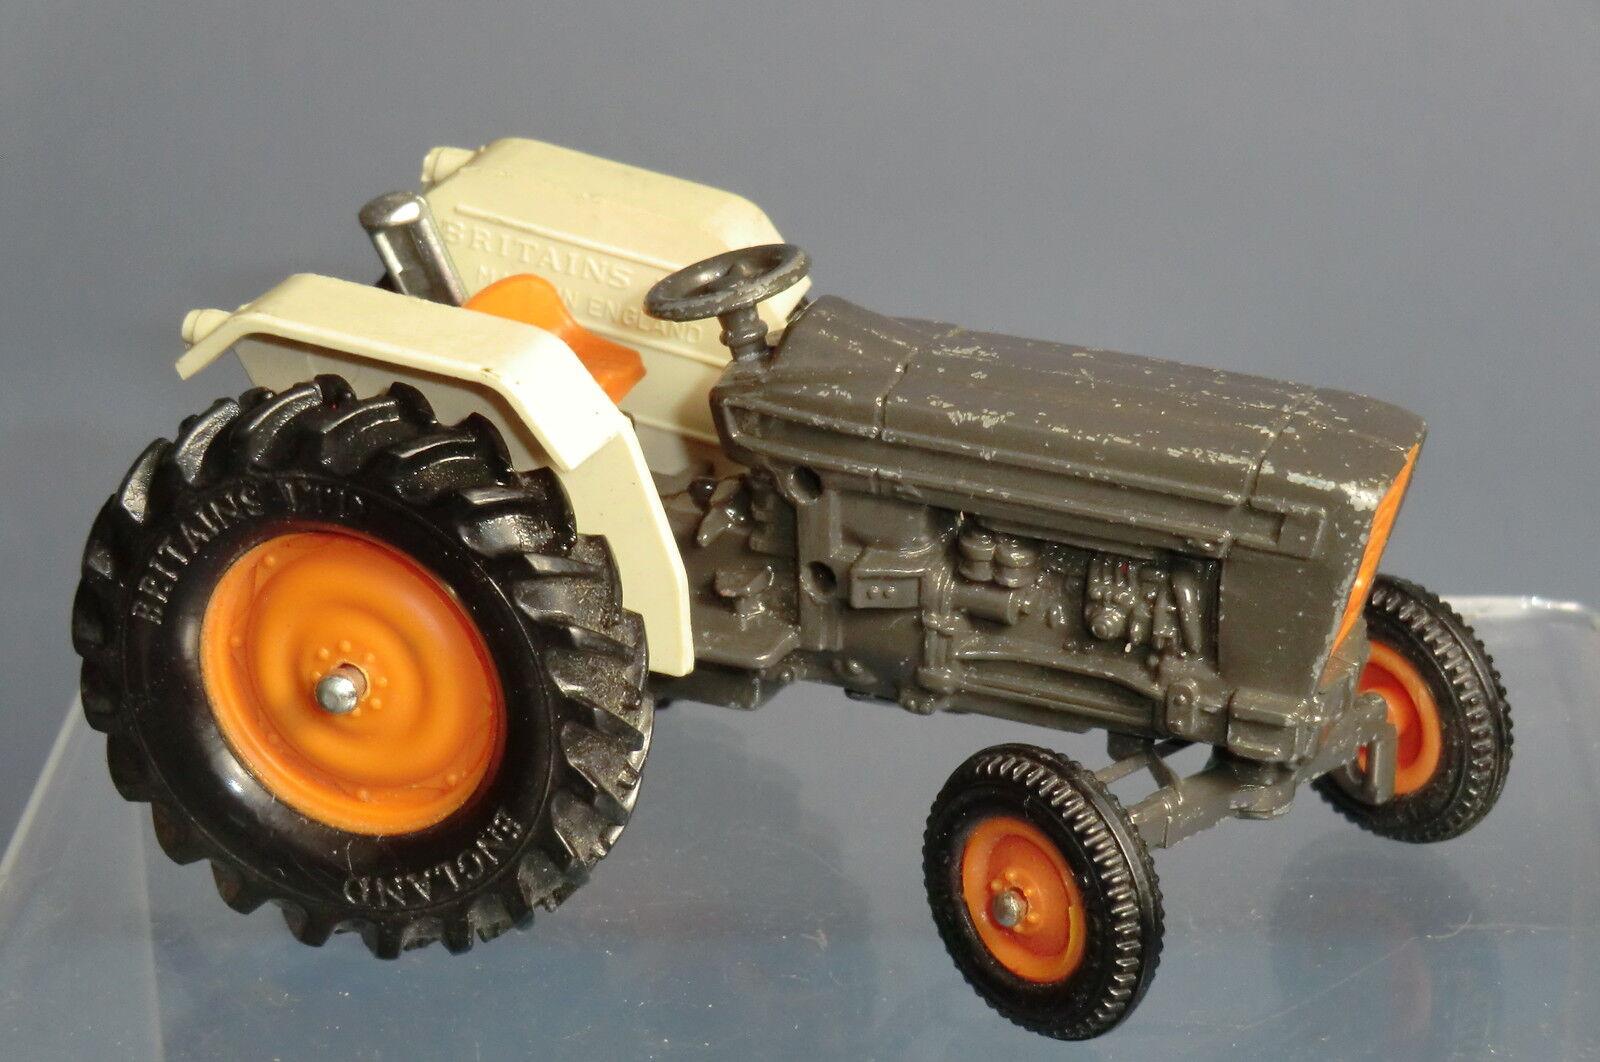 VINTAGE BRITAINS MODEL No.9420 6600 tracteur